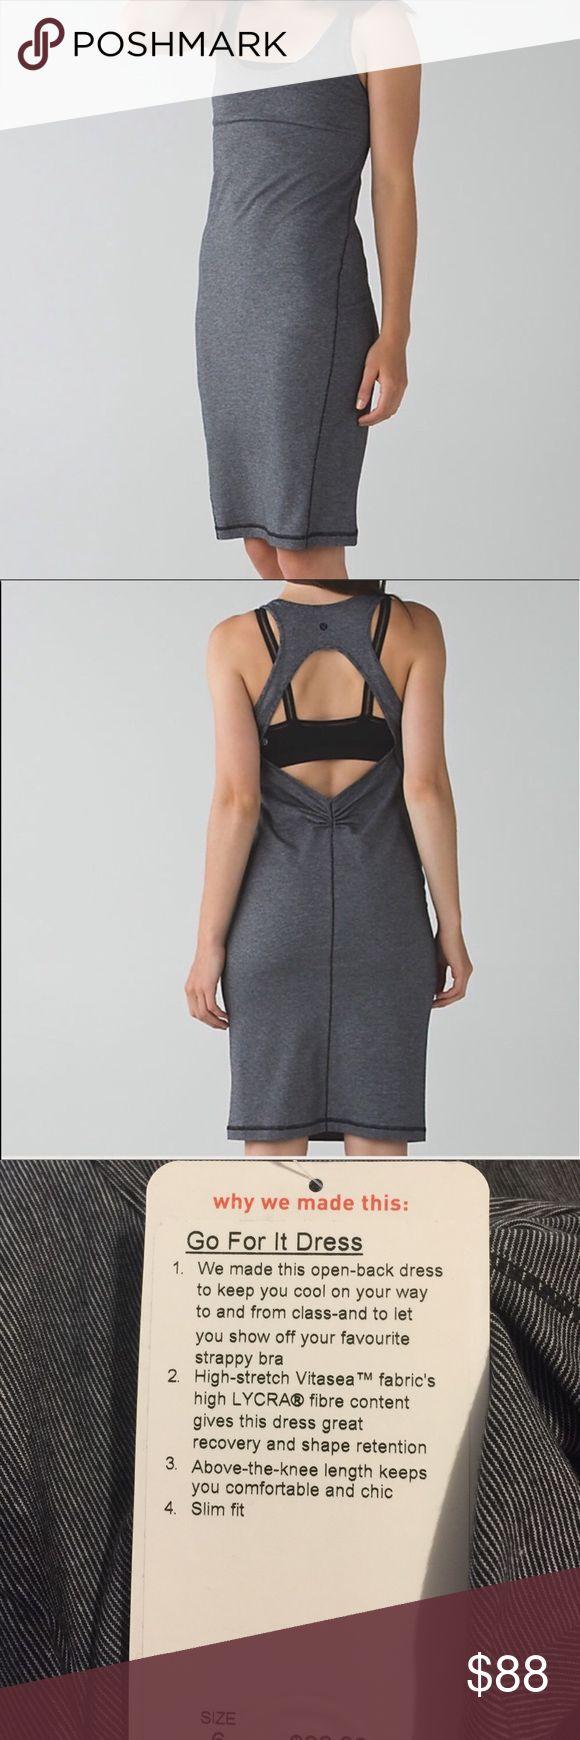 Lululemon dress. Summer dress Go for it  dark gray Lululemon dress. Summer dress Go for it  dark gray lululemon athletica Dresses